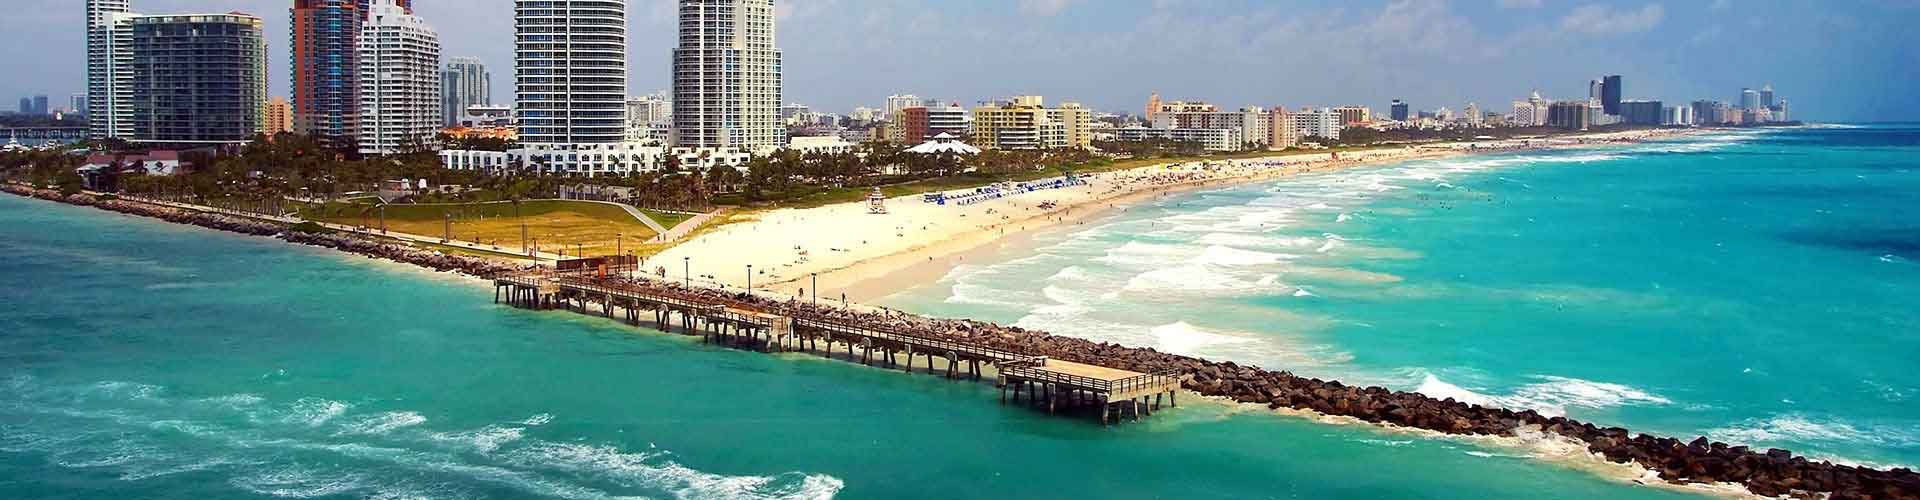 Miami - Szobák Miami. Miami térképek, fotók és ajánlások minden egyes Miami szobáról.